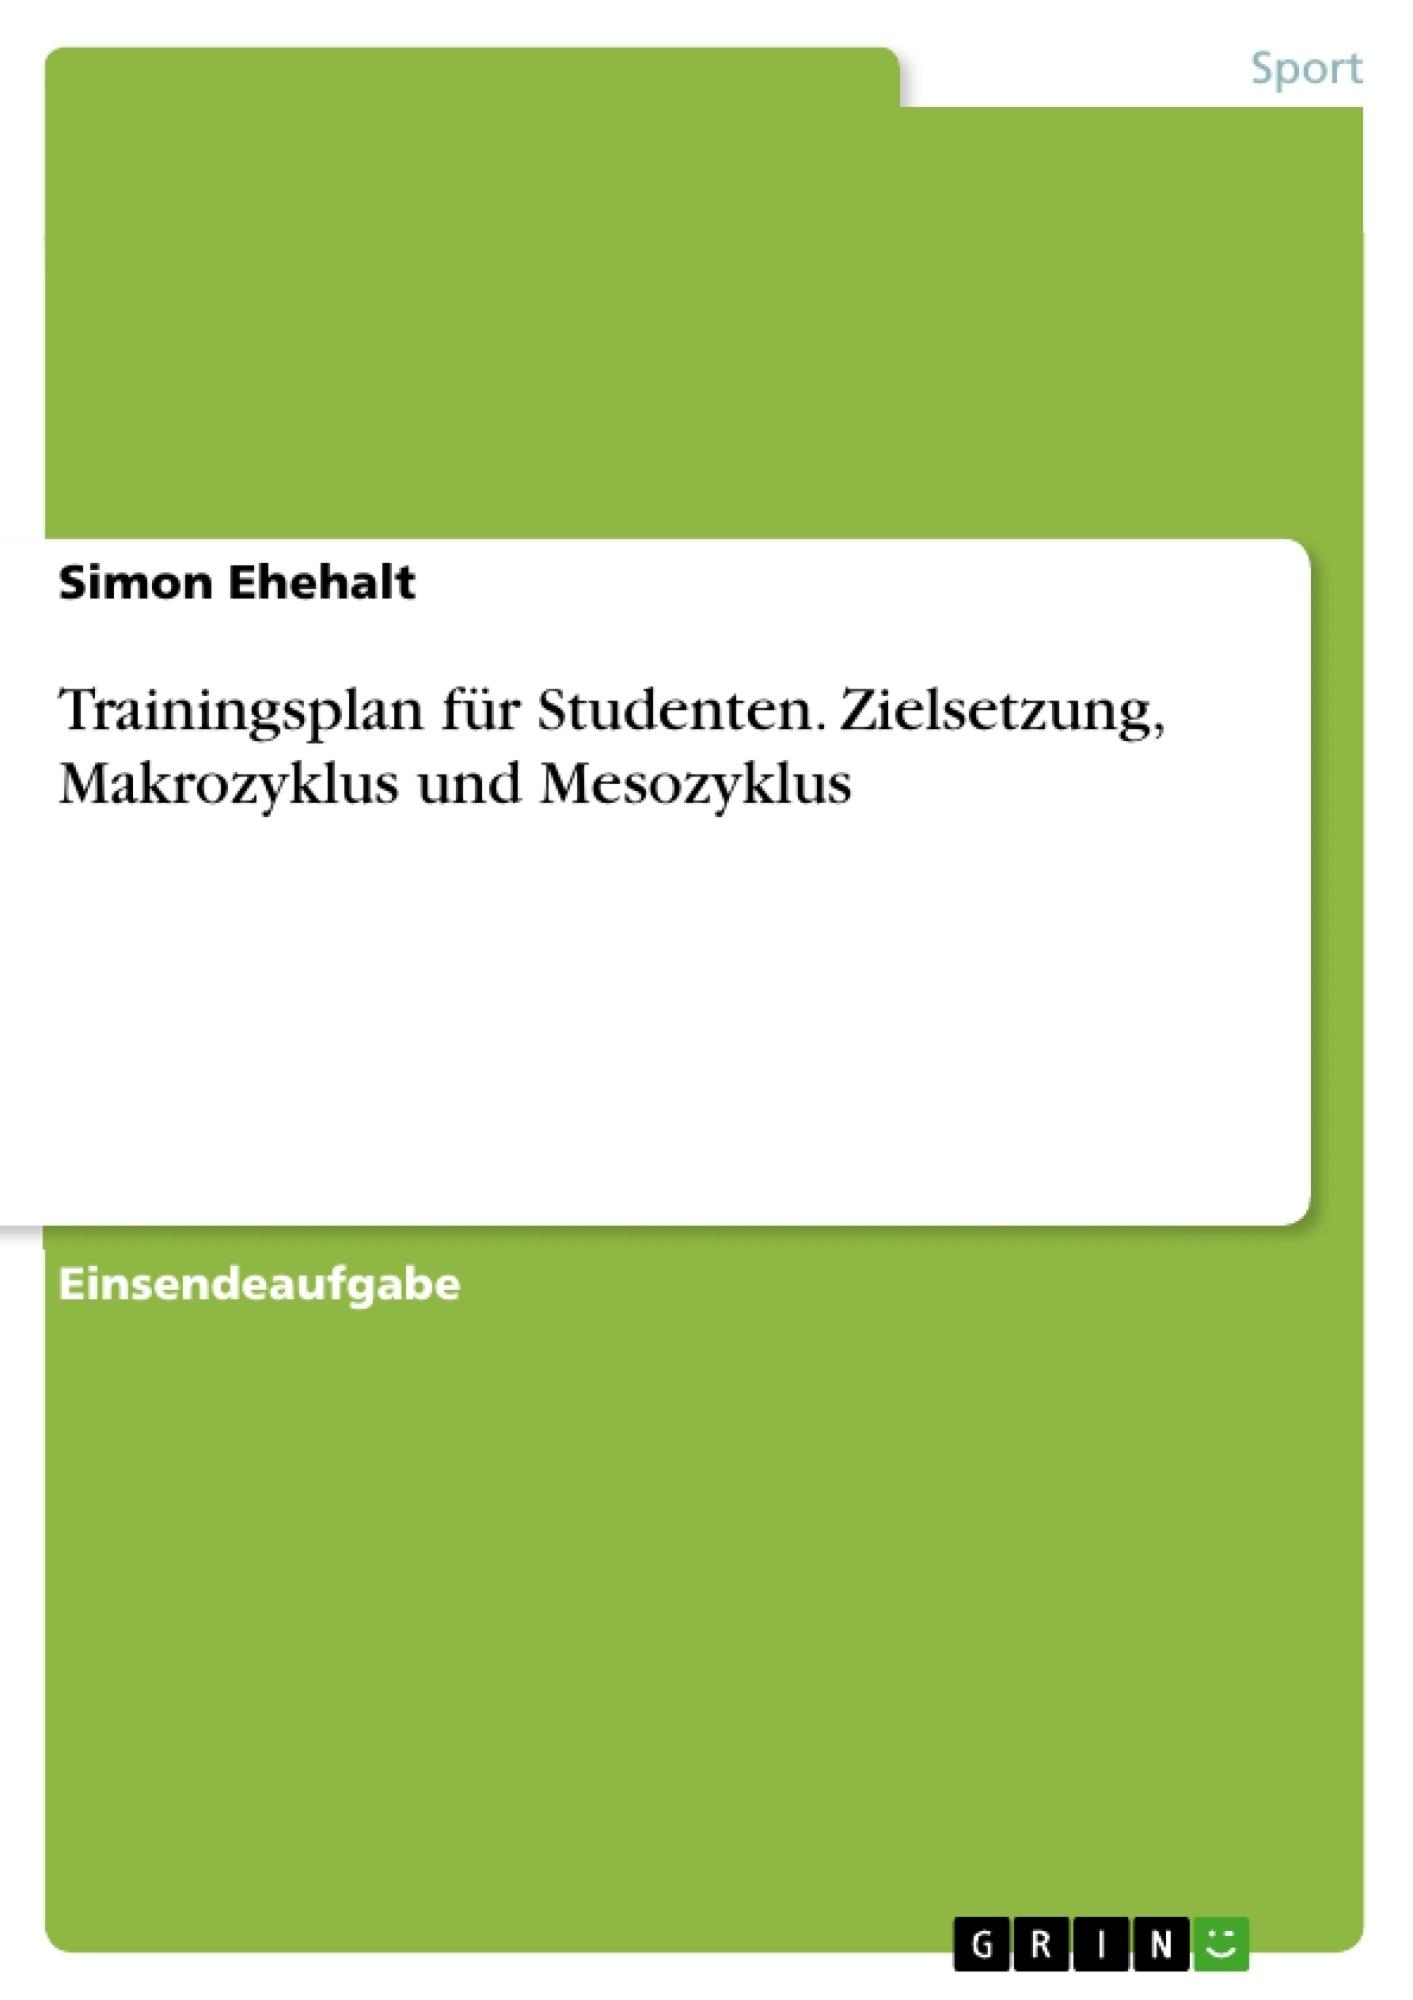 Titel: Trainingsplan für Studenten. Zielsetzung, Makrozyklus und Mesozyklus